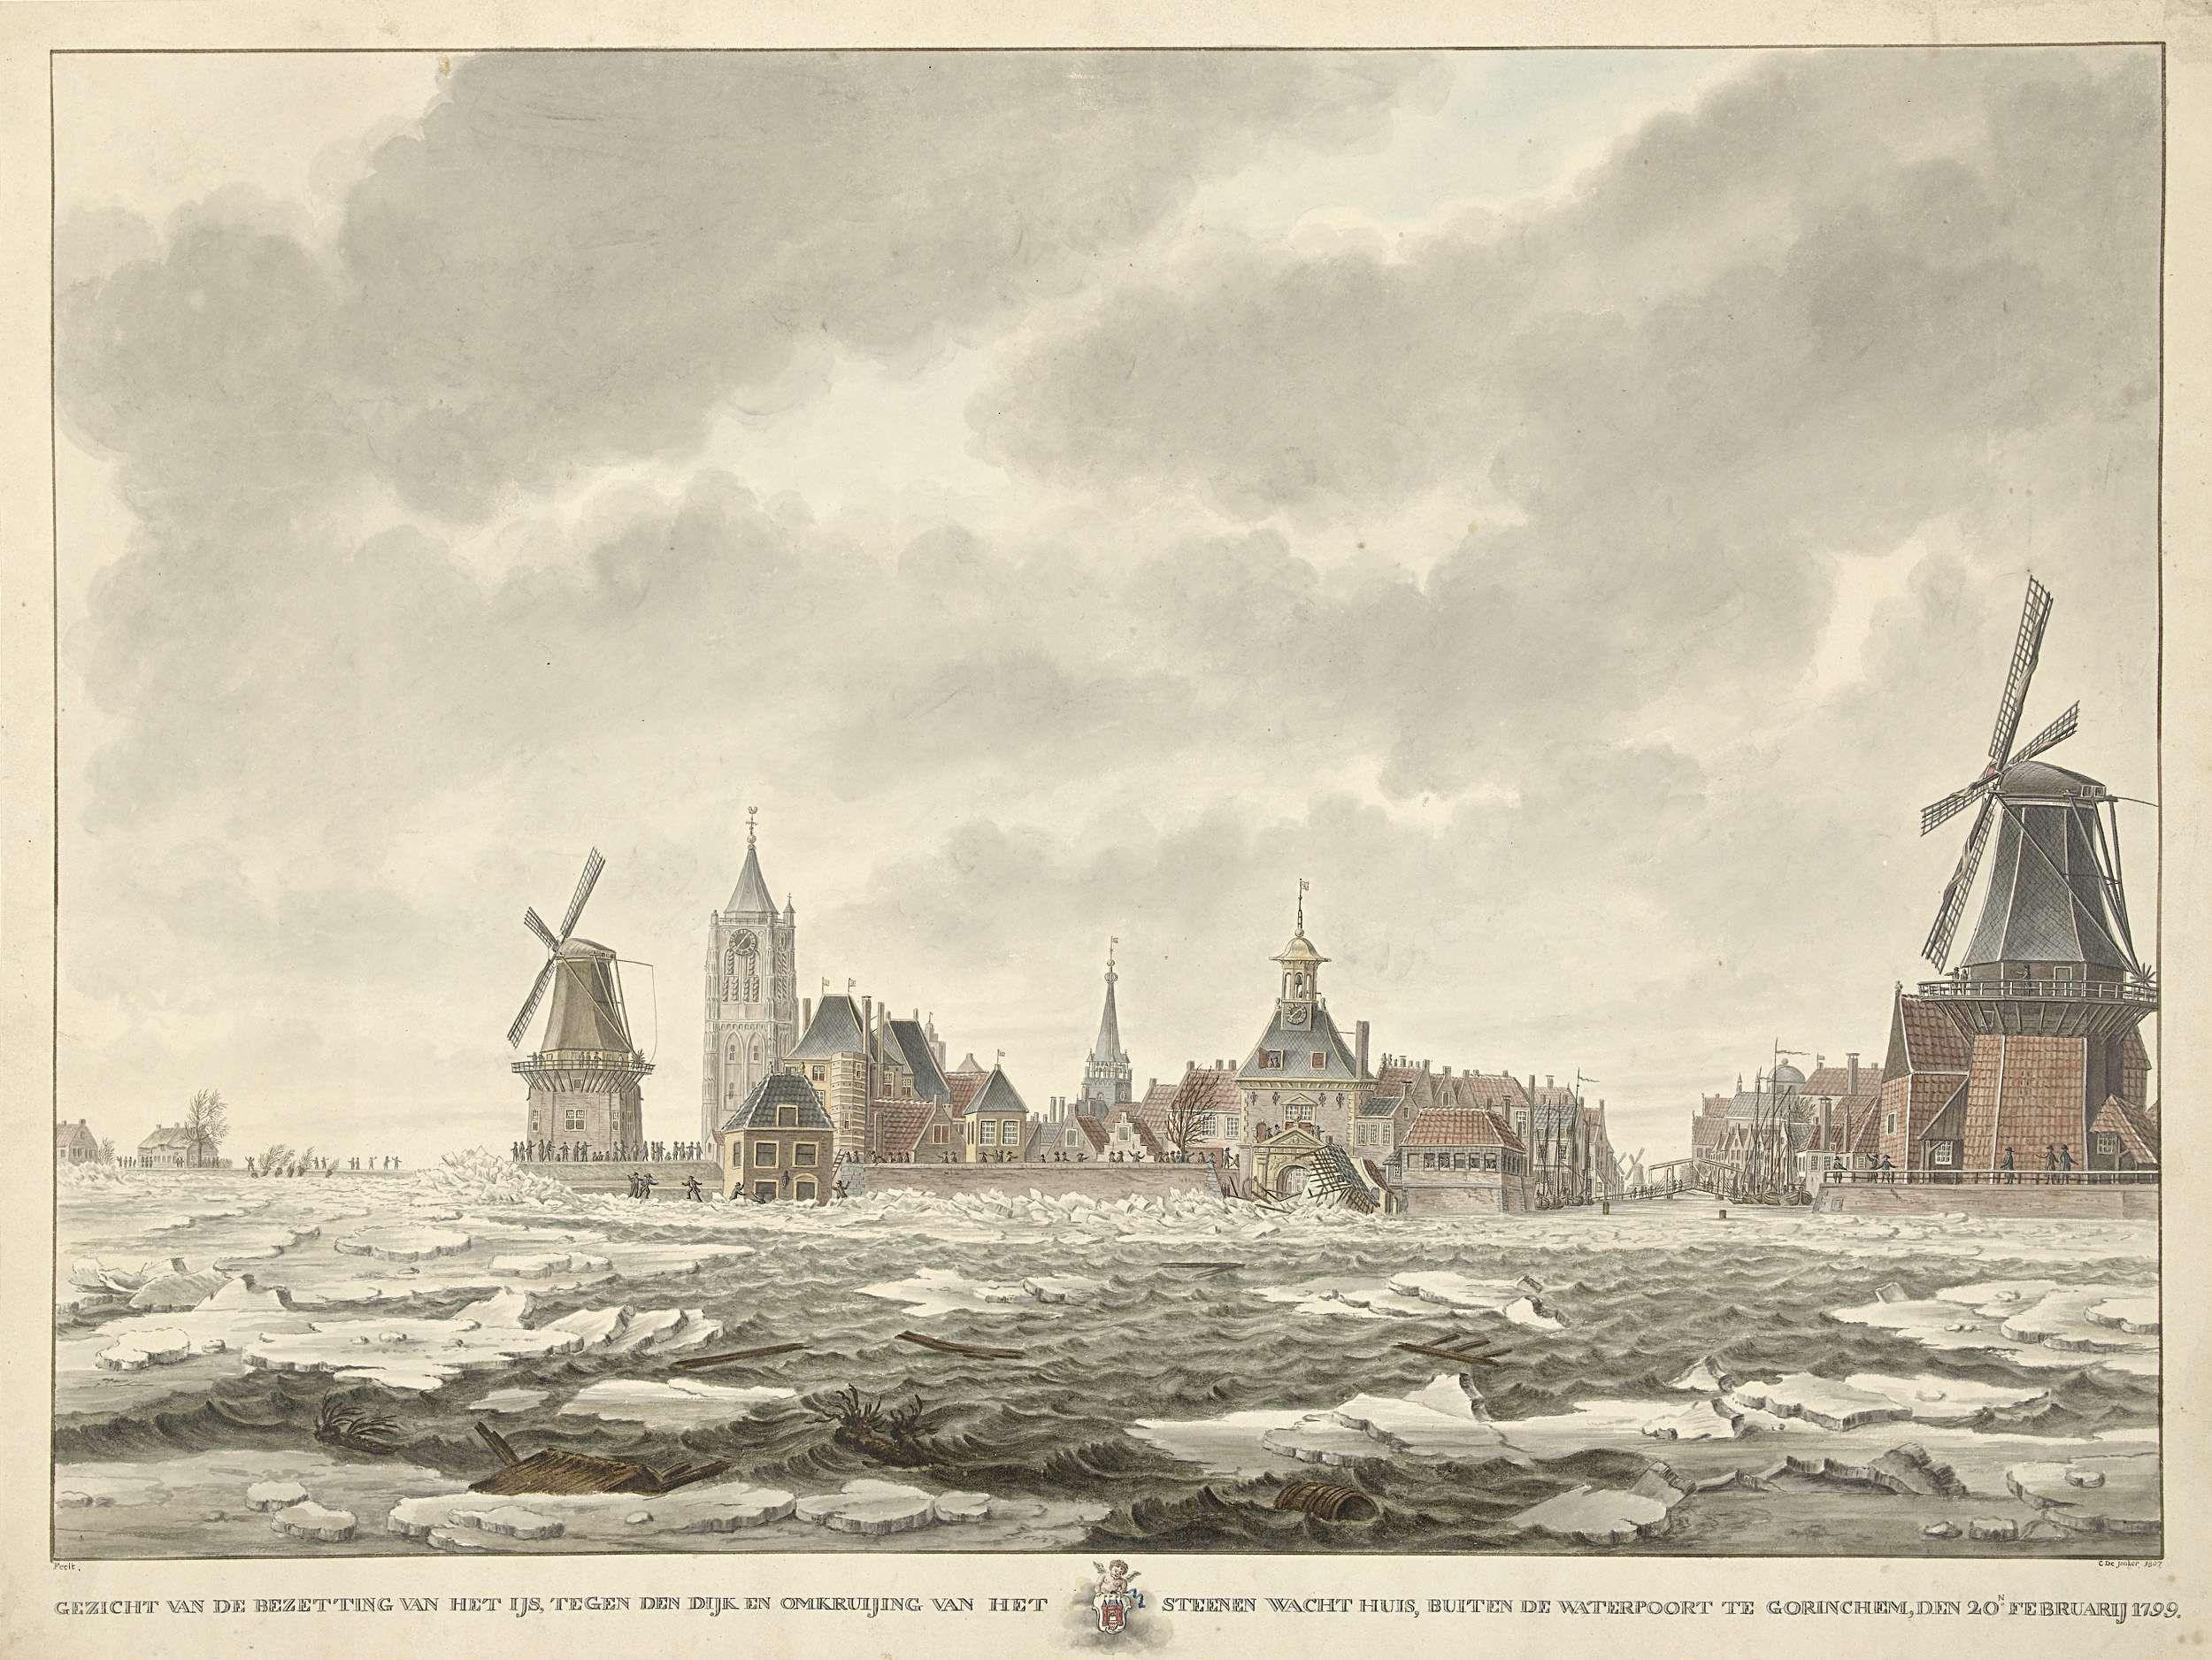 Gezicht van de bezetting van het ijs buiten de Waterpoort te Gorinchem, den 20.n Februarij 1799, Cornelis de Jonker, 1807